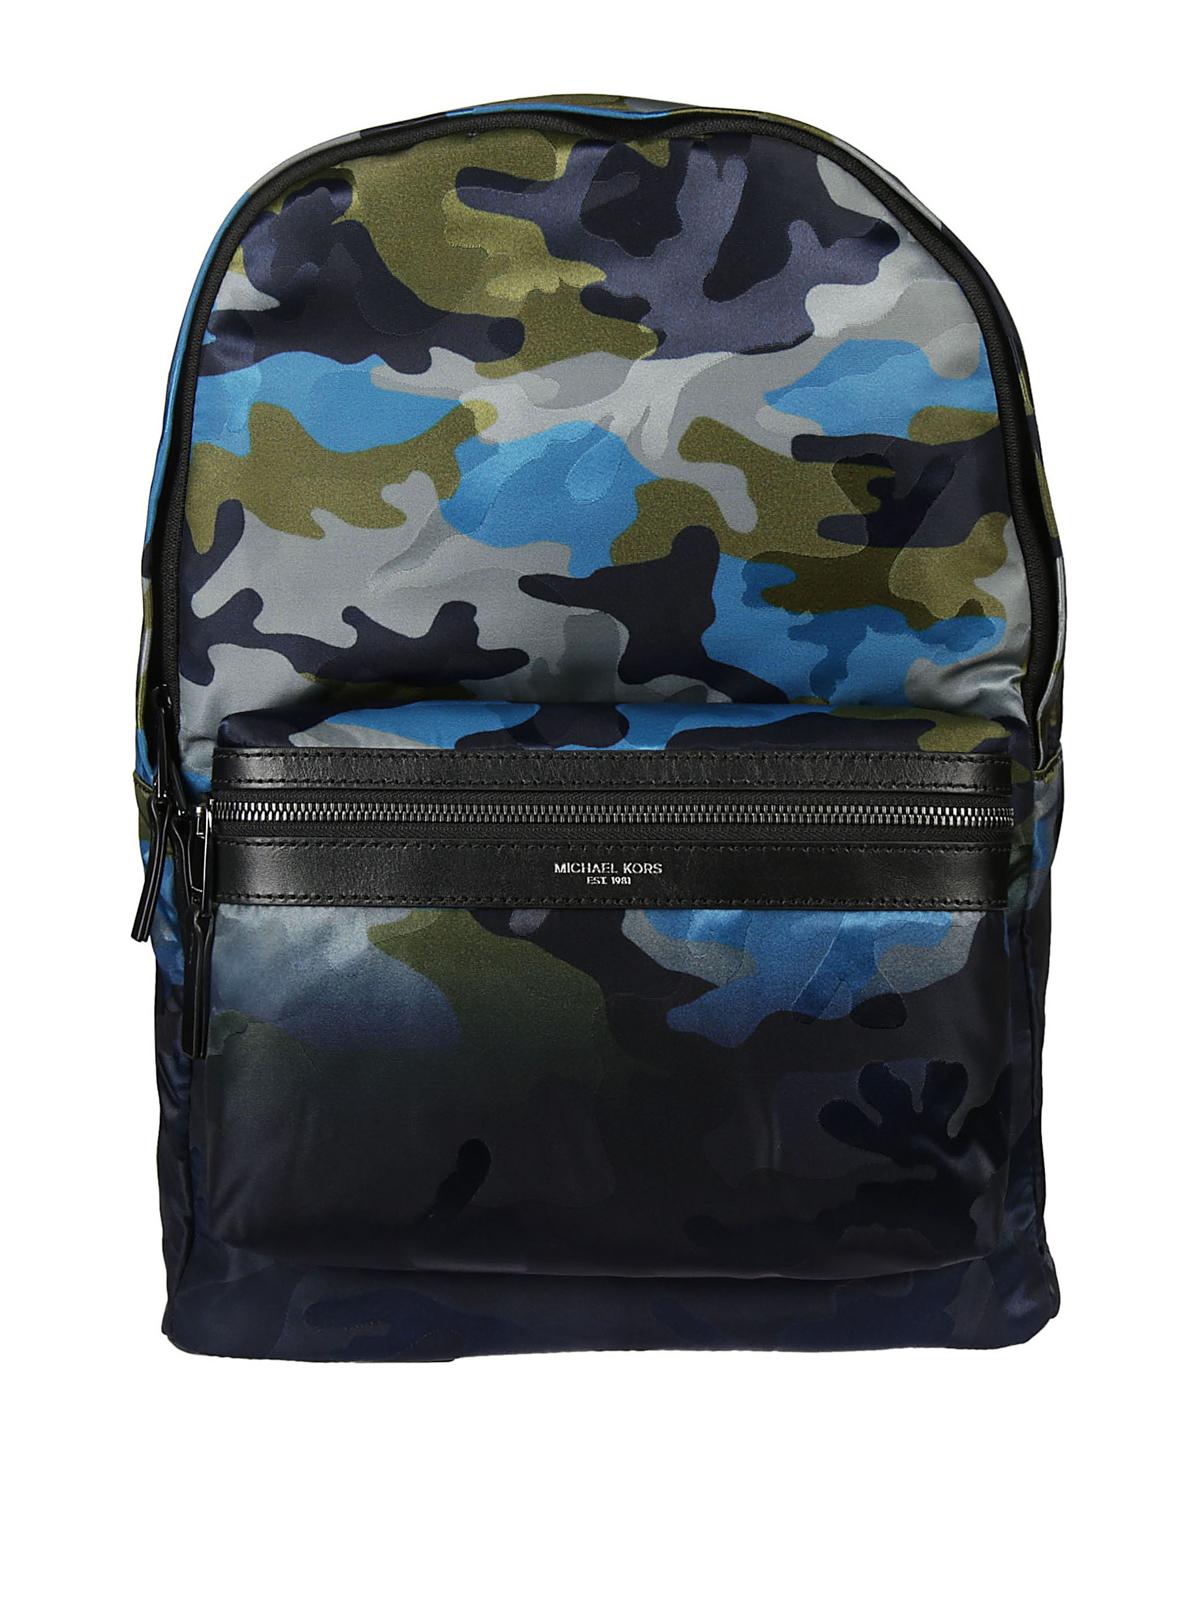 16e2f2288d Michael Kors Mens Backpack Camo